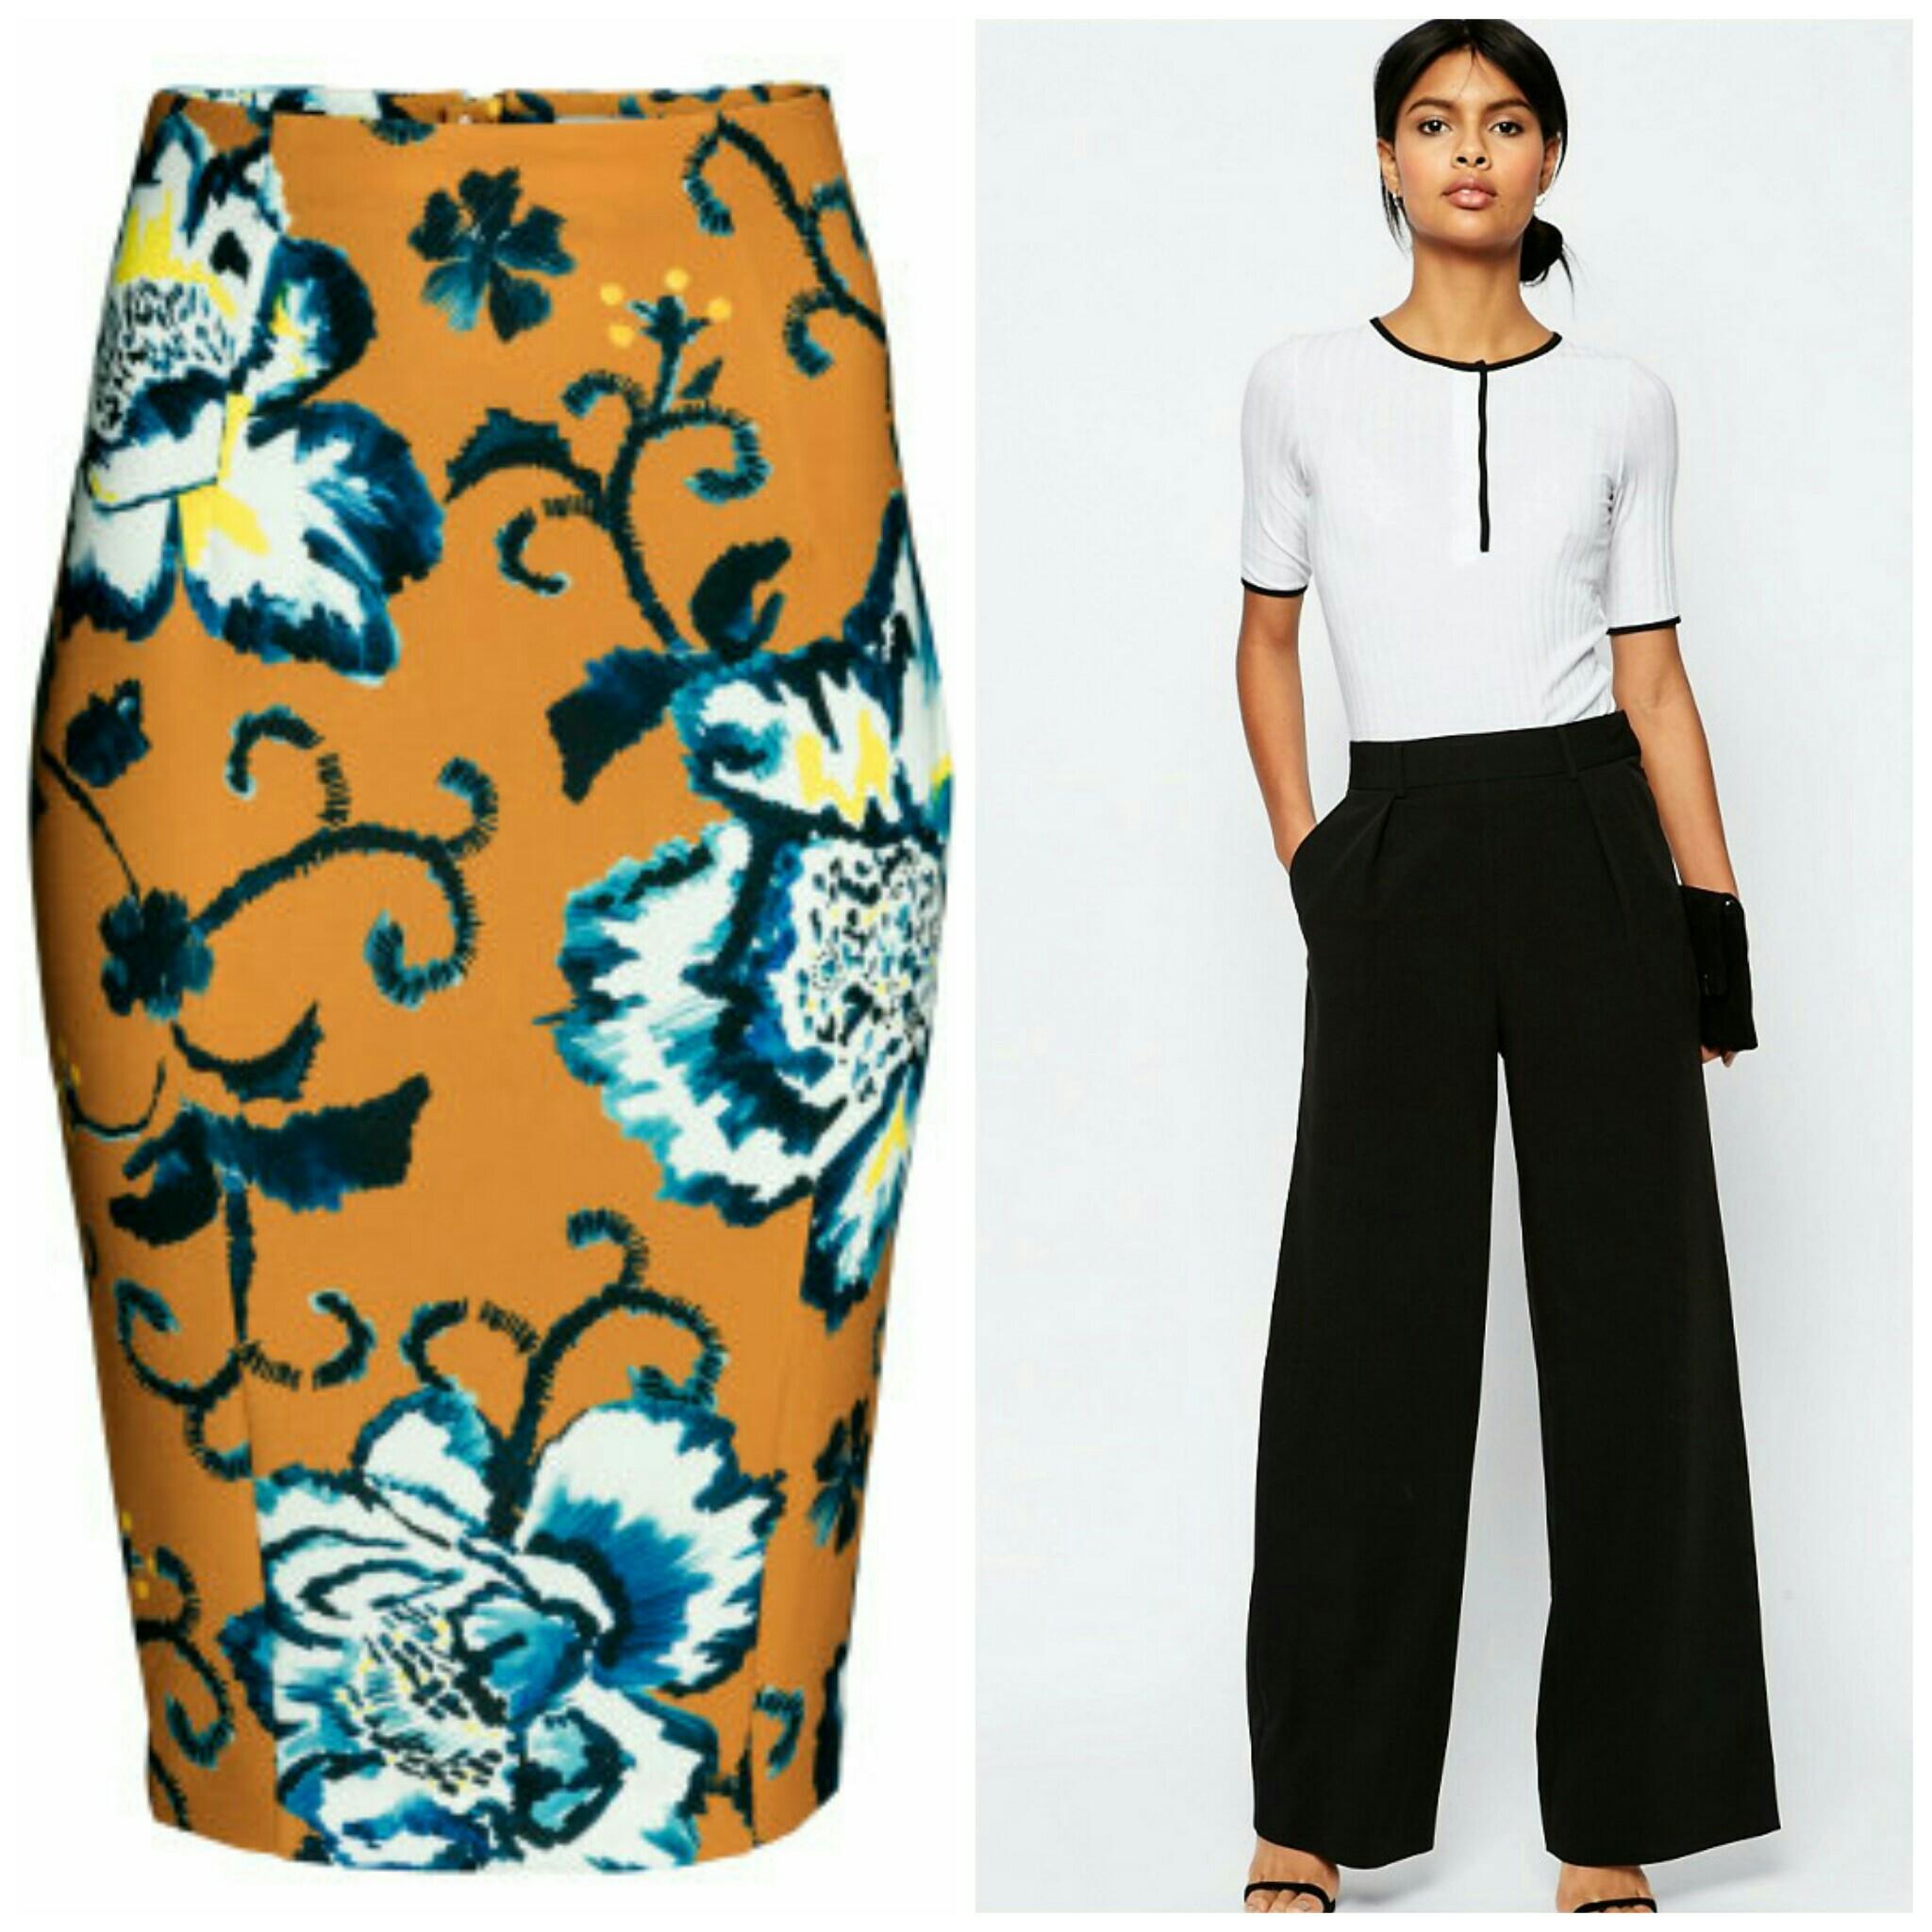 HM Pencil Skirt, ASOS Wide Leg Pleat Pants